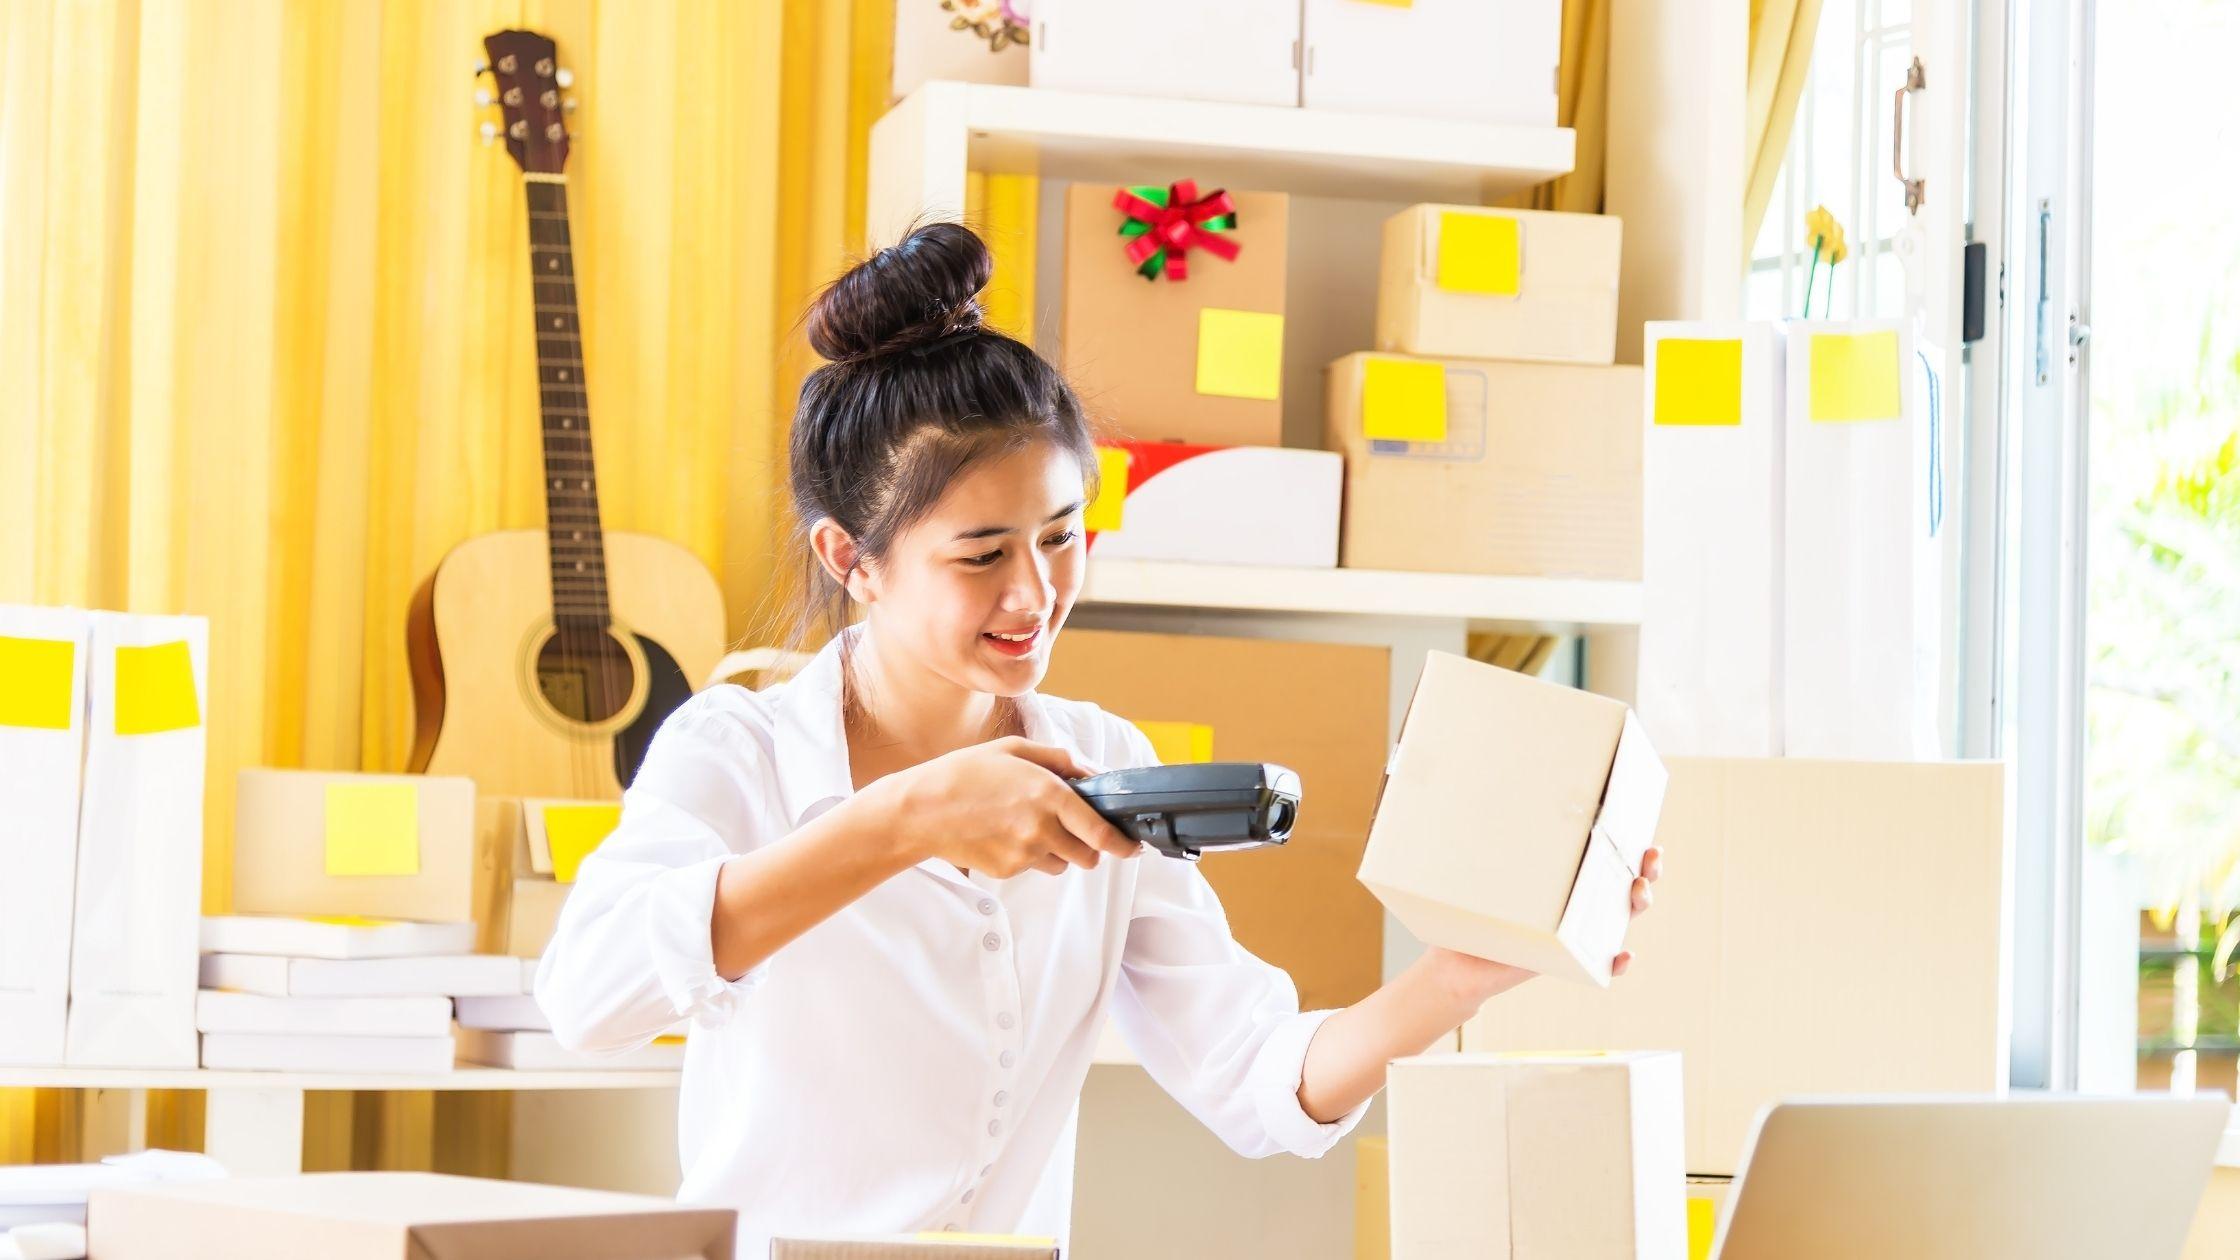 comment démarrer une entreprise à domicile image montre une femme dans une chambre en train de peindre un scanner sur un colis comme la préparation pour l'envoyer ou mettre à jour un système, elle sourit et porte une chemise blanche, l'arrière-plan est flou et montre une guitare et des colis organisés